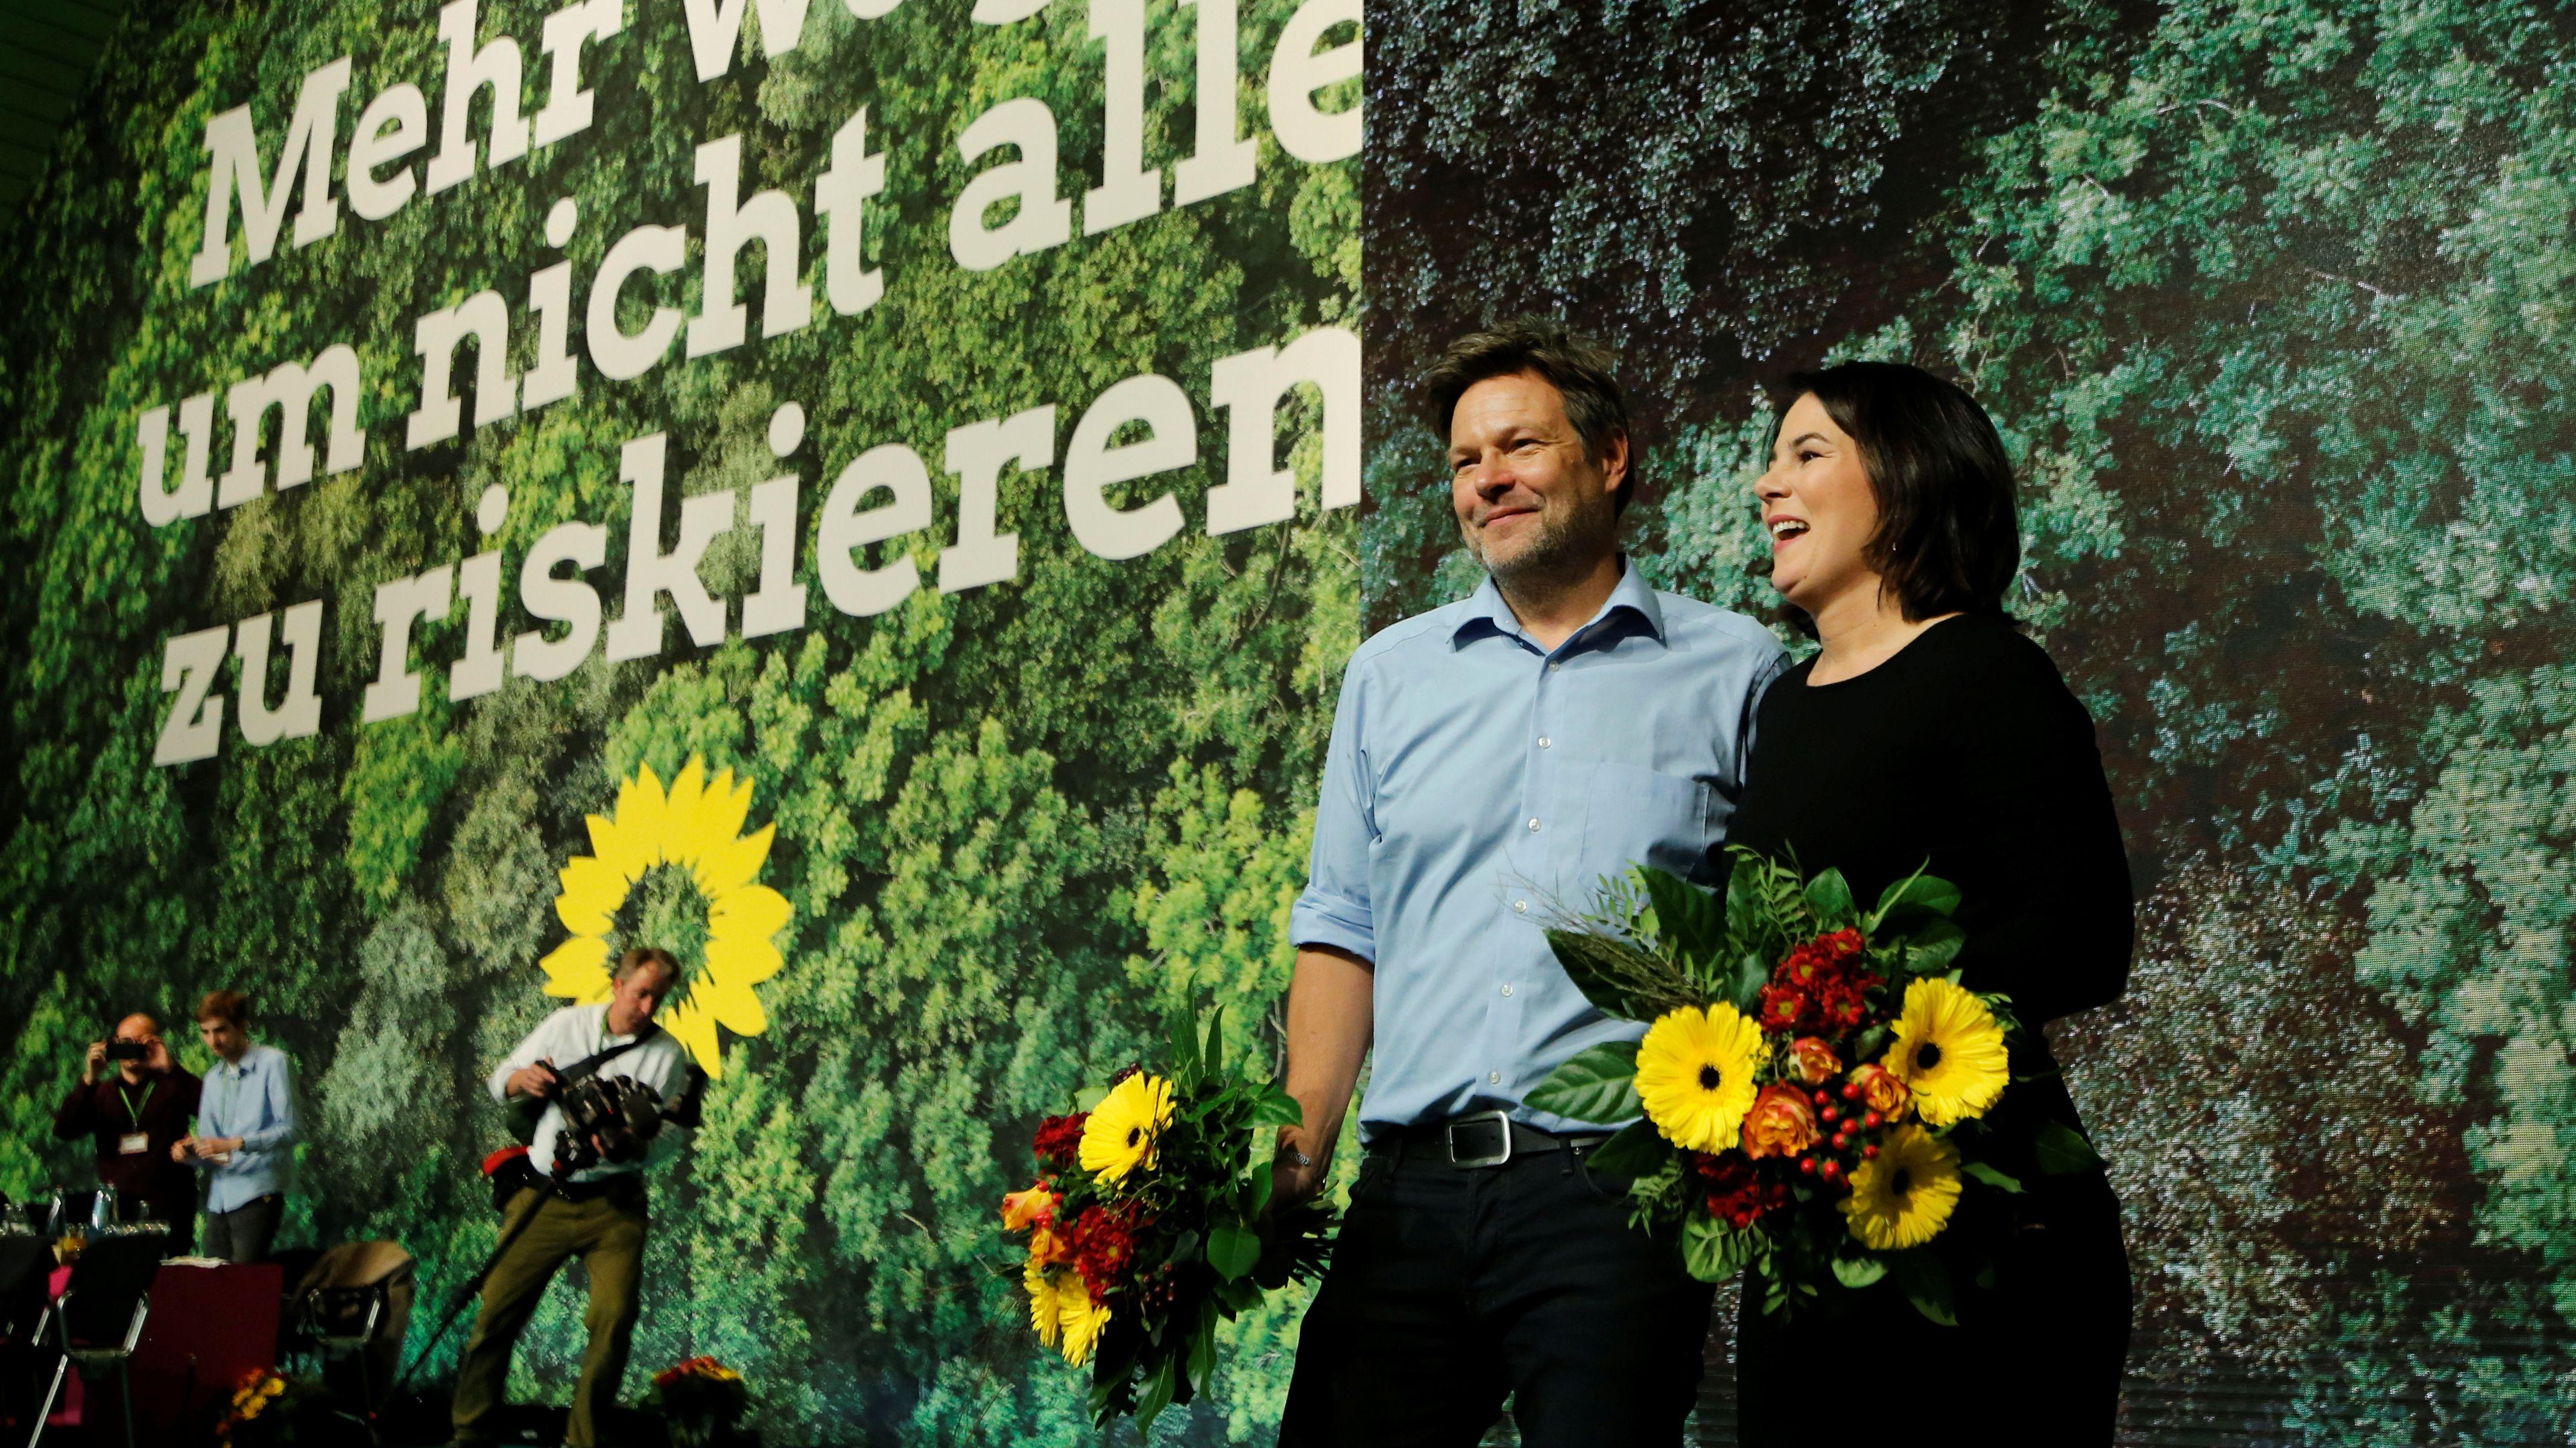 Die Parteivorsitzenden der Grünen, Annalena Baerbock (rechts) und Robert Habeck, beim Parteitag in Bielefeld